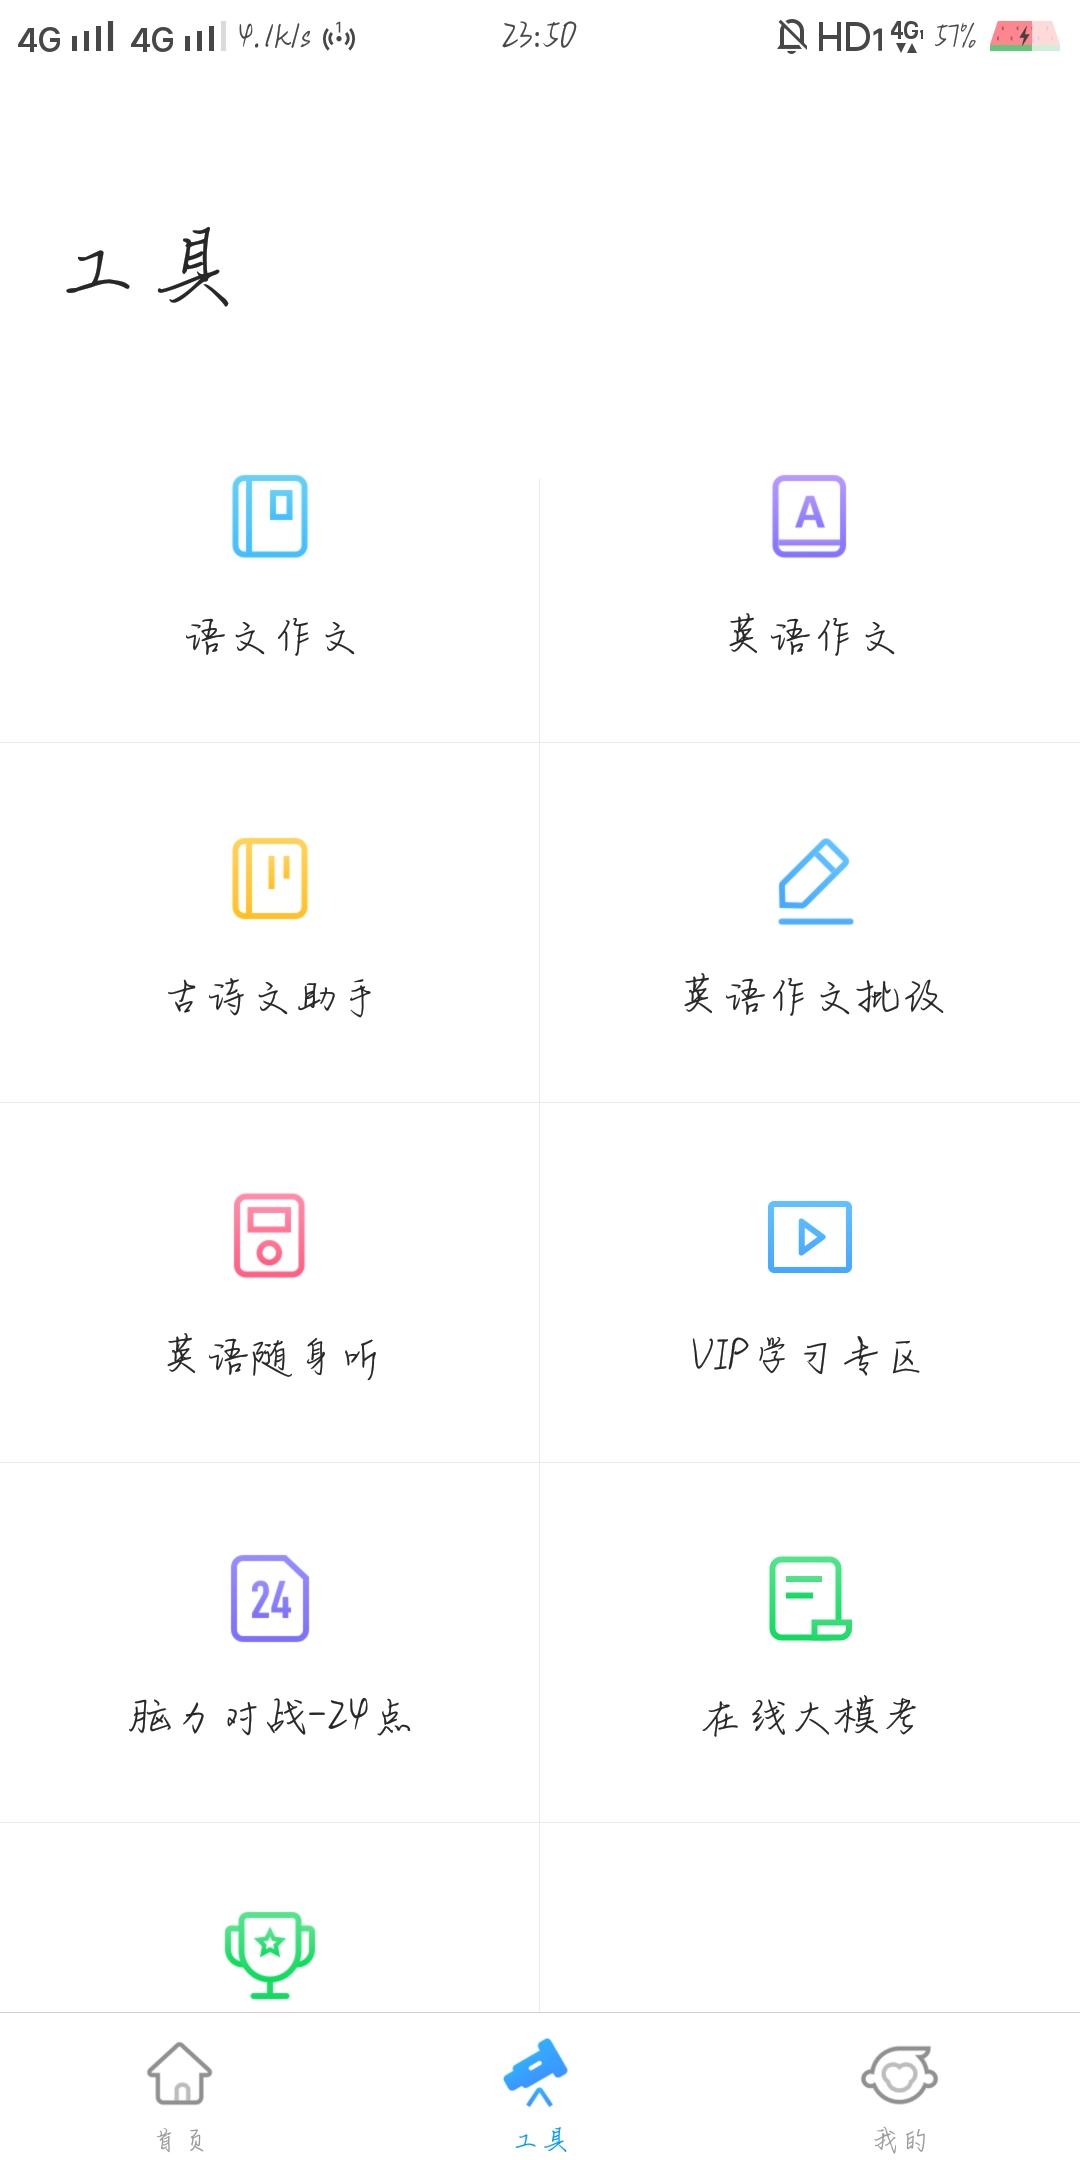 Screenshot_20181024_235010.jpg